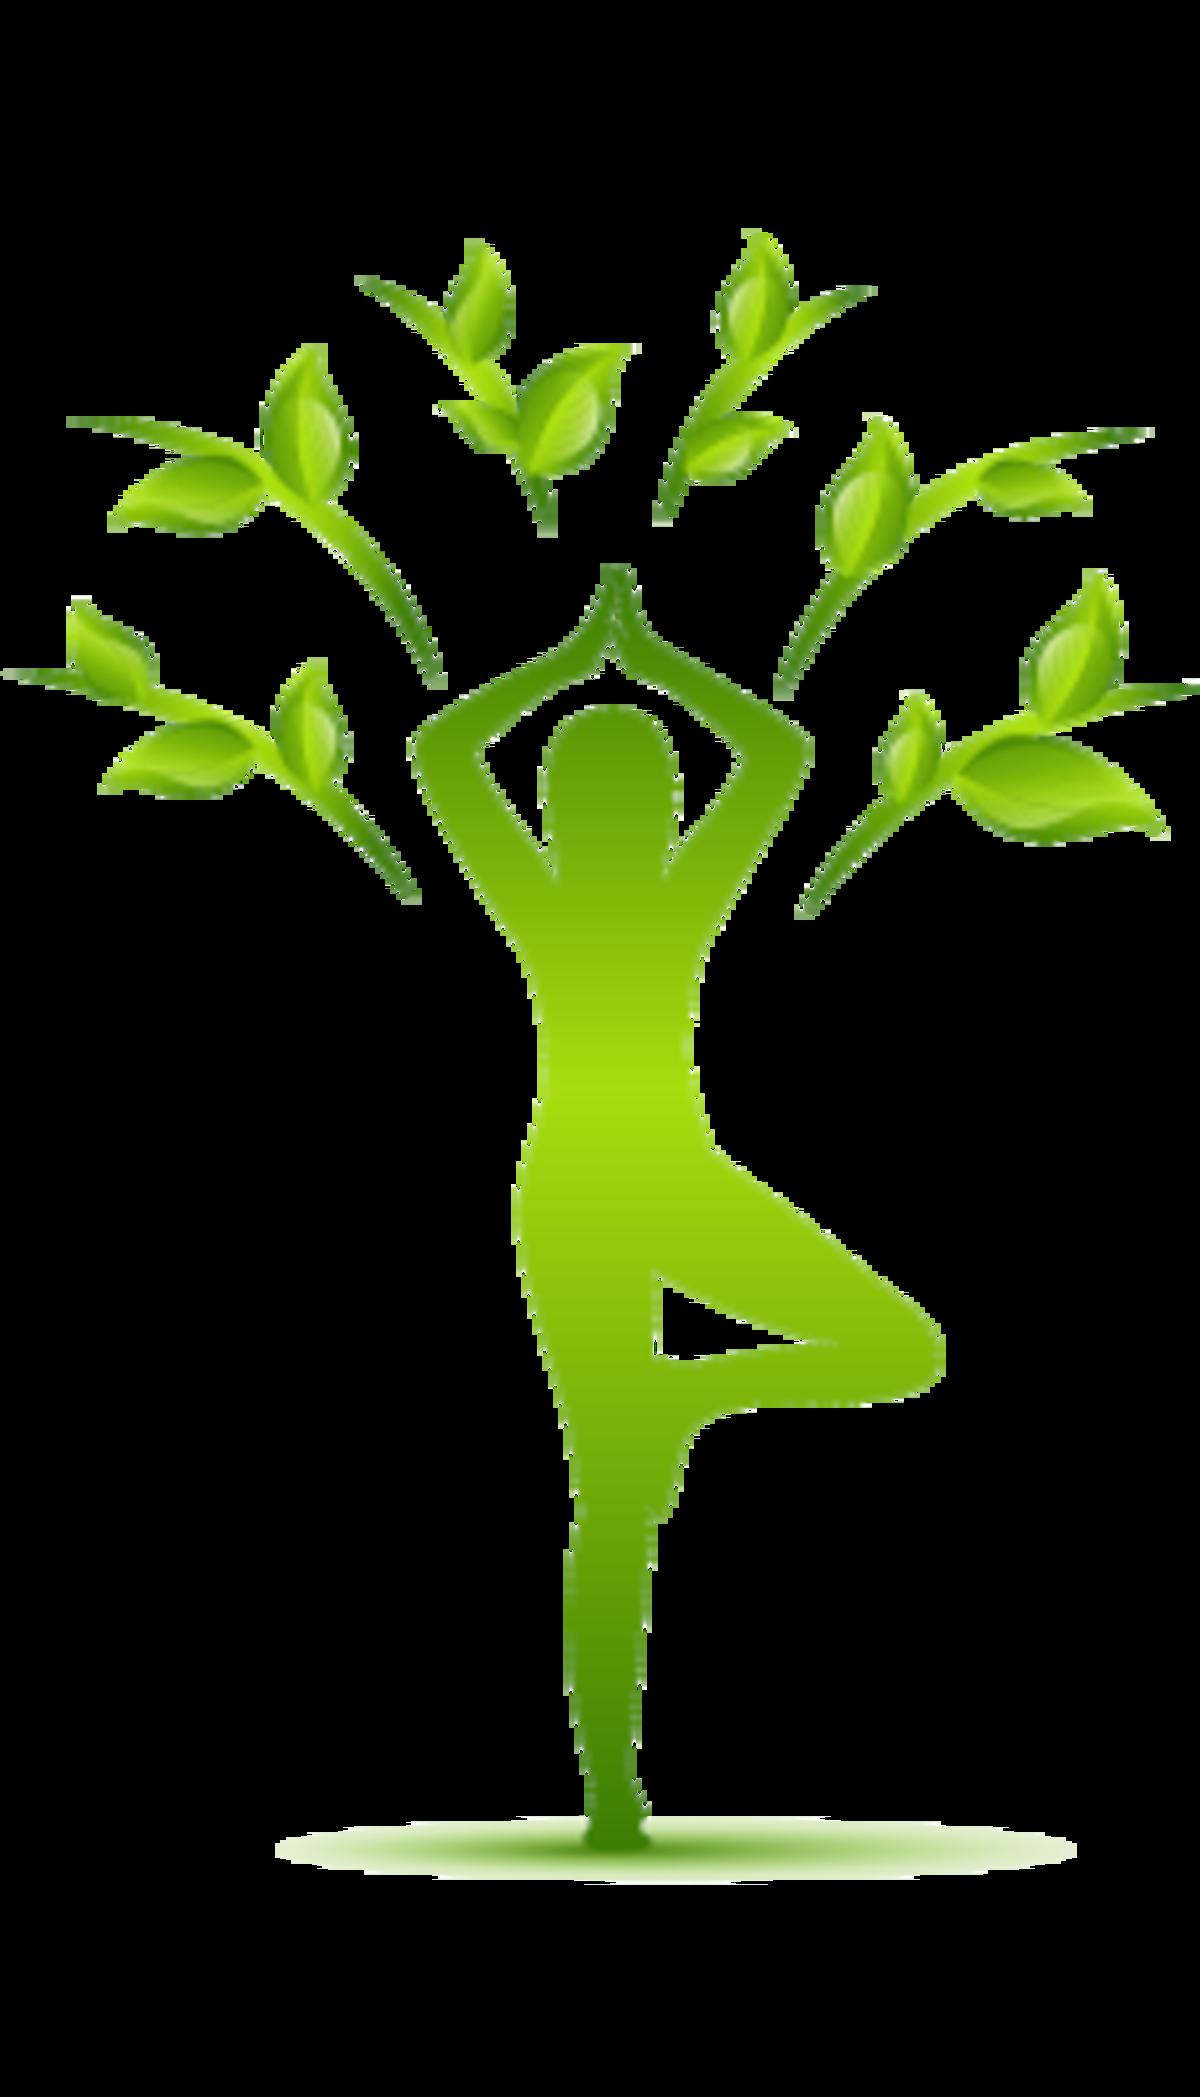 Pose einer Person in dem Asana Baum und es wachsen Blätter aus den Armen, um einen echten Baum zu symolieren